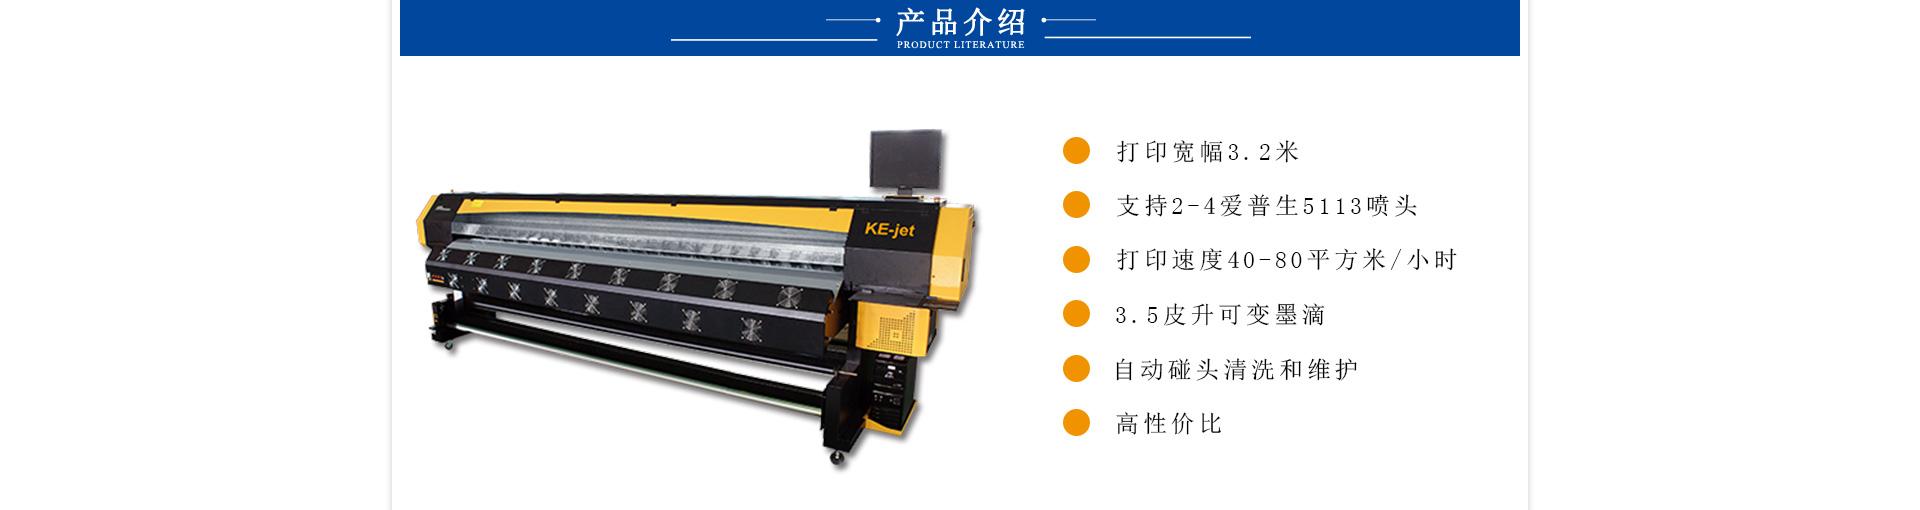 黑迈 KE-Jet超宽幅高精度热升华写真机